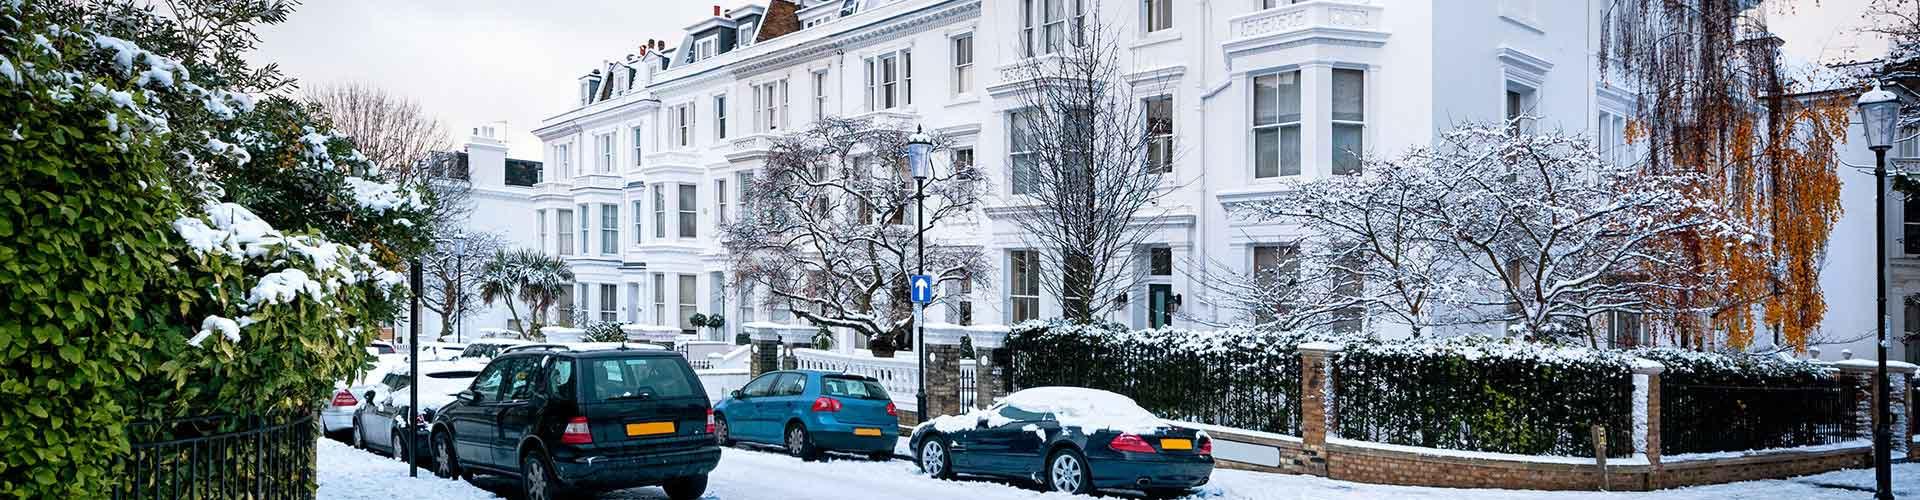 伦敦 – Borough of Kensington and Chelsea区的公寓。伦敦地图,伦敦每间公寓的照片和评价。